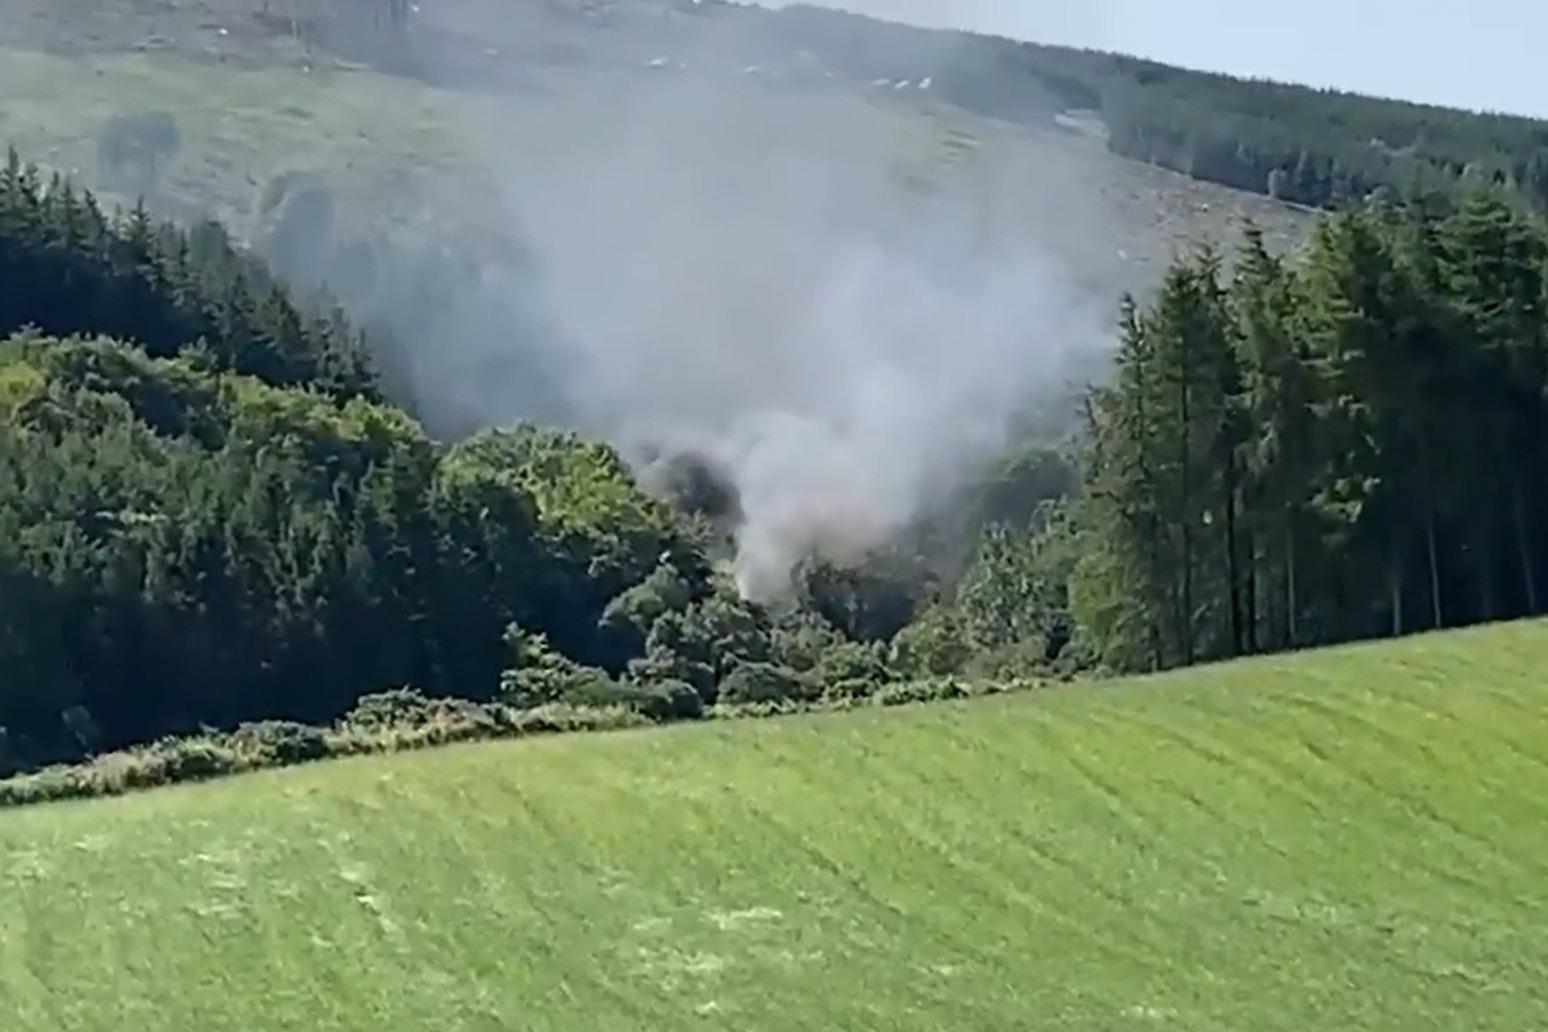 Passenger train derails in Scotland